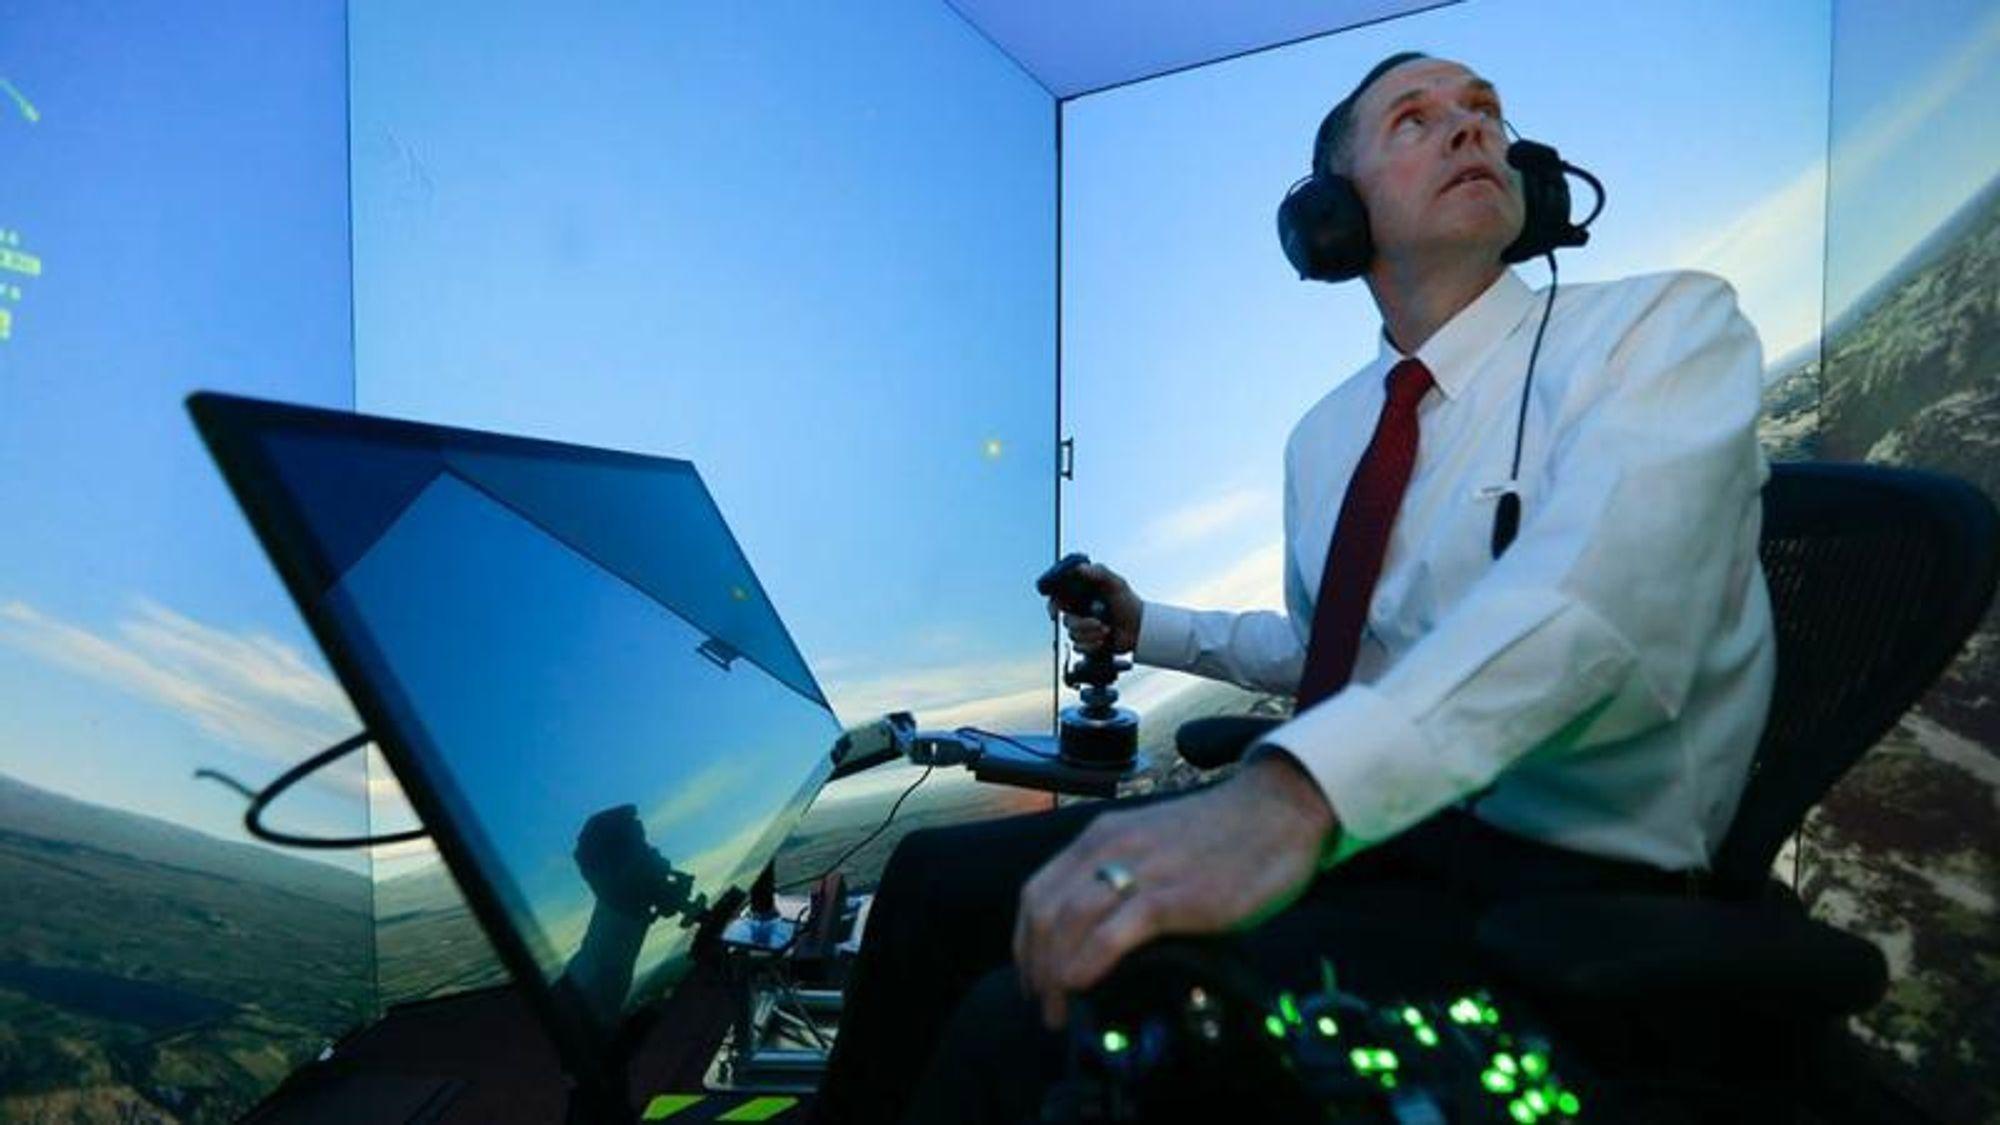 I 2016 lyktes det for første gang en AI-computer å nedkjempe en menneskelig kampflypilot i simulatorøvelser i det amerikanske flyvåpens sentrale forskningslaboratorium i Ohio.